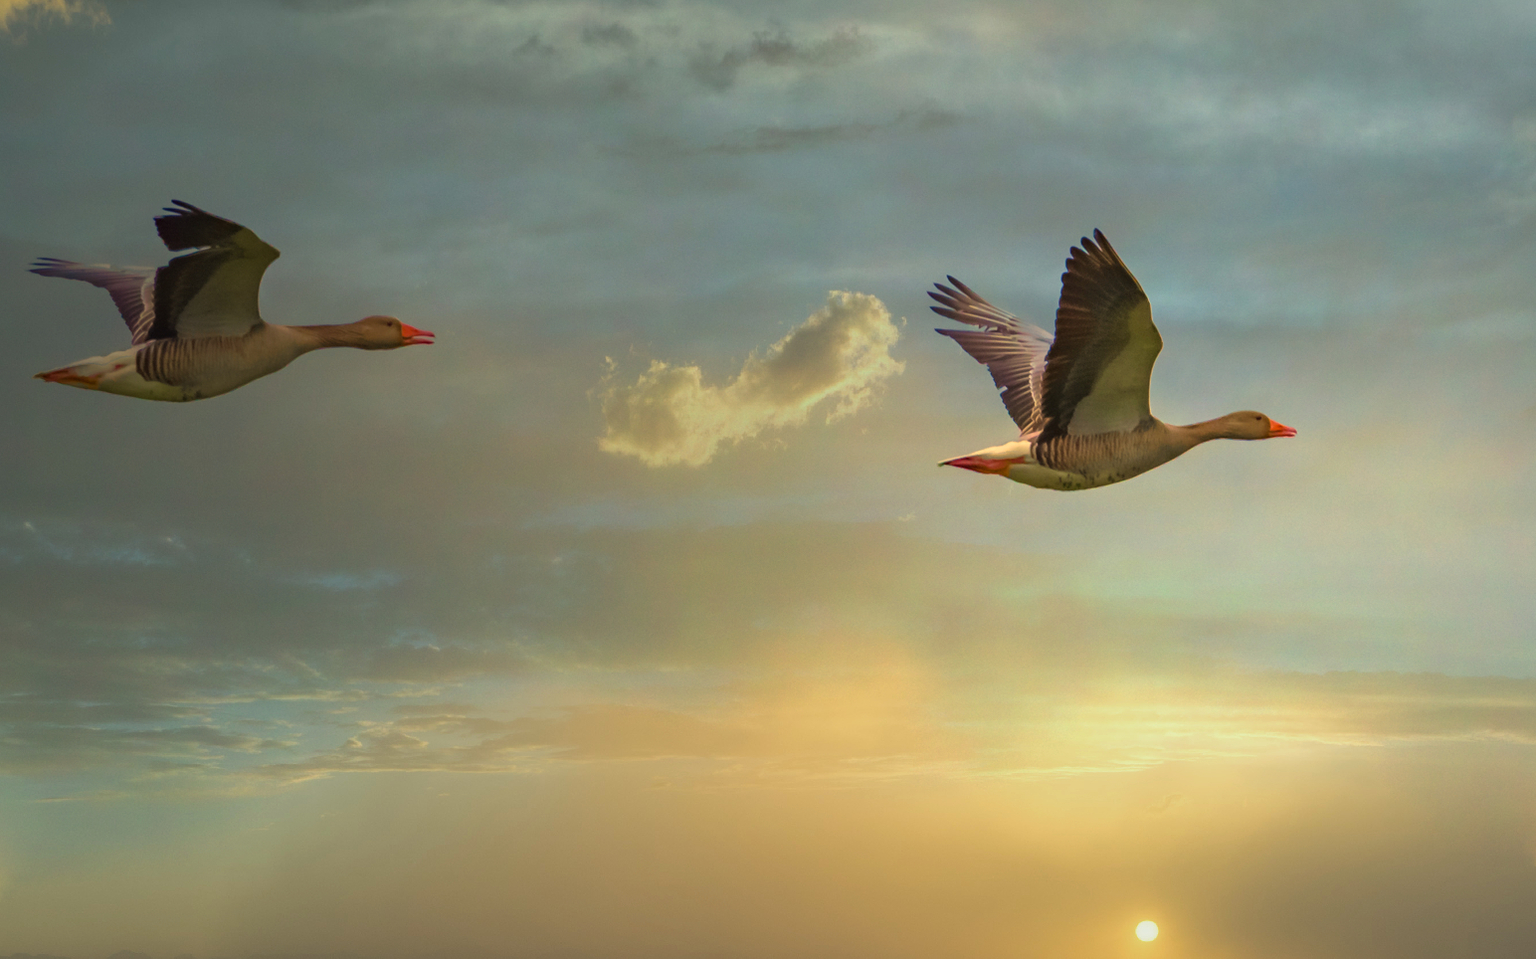 Flying high in the sky. - Vliegende grauwe ganzen in ochtendlicht. - foto door Kompieter op 11-04-2021 - locatie: Oirschot, Nederland - deze foto bevat: wolk, lucht, vogel, atmosfeer, ecoregio, natuur, bek, lichaam van water, veer, water